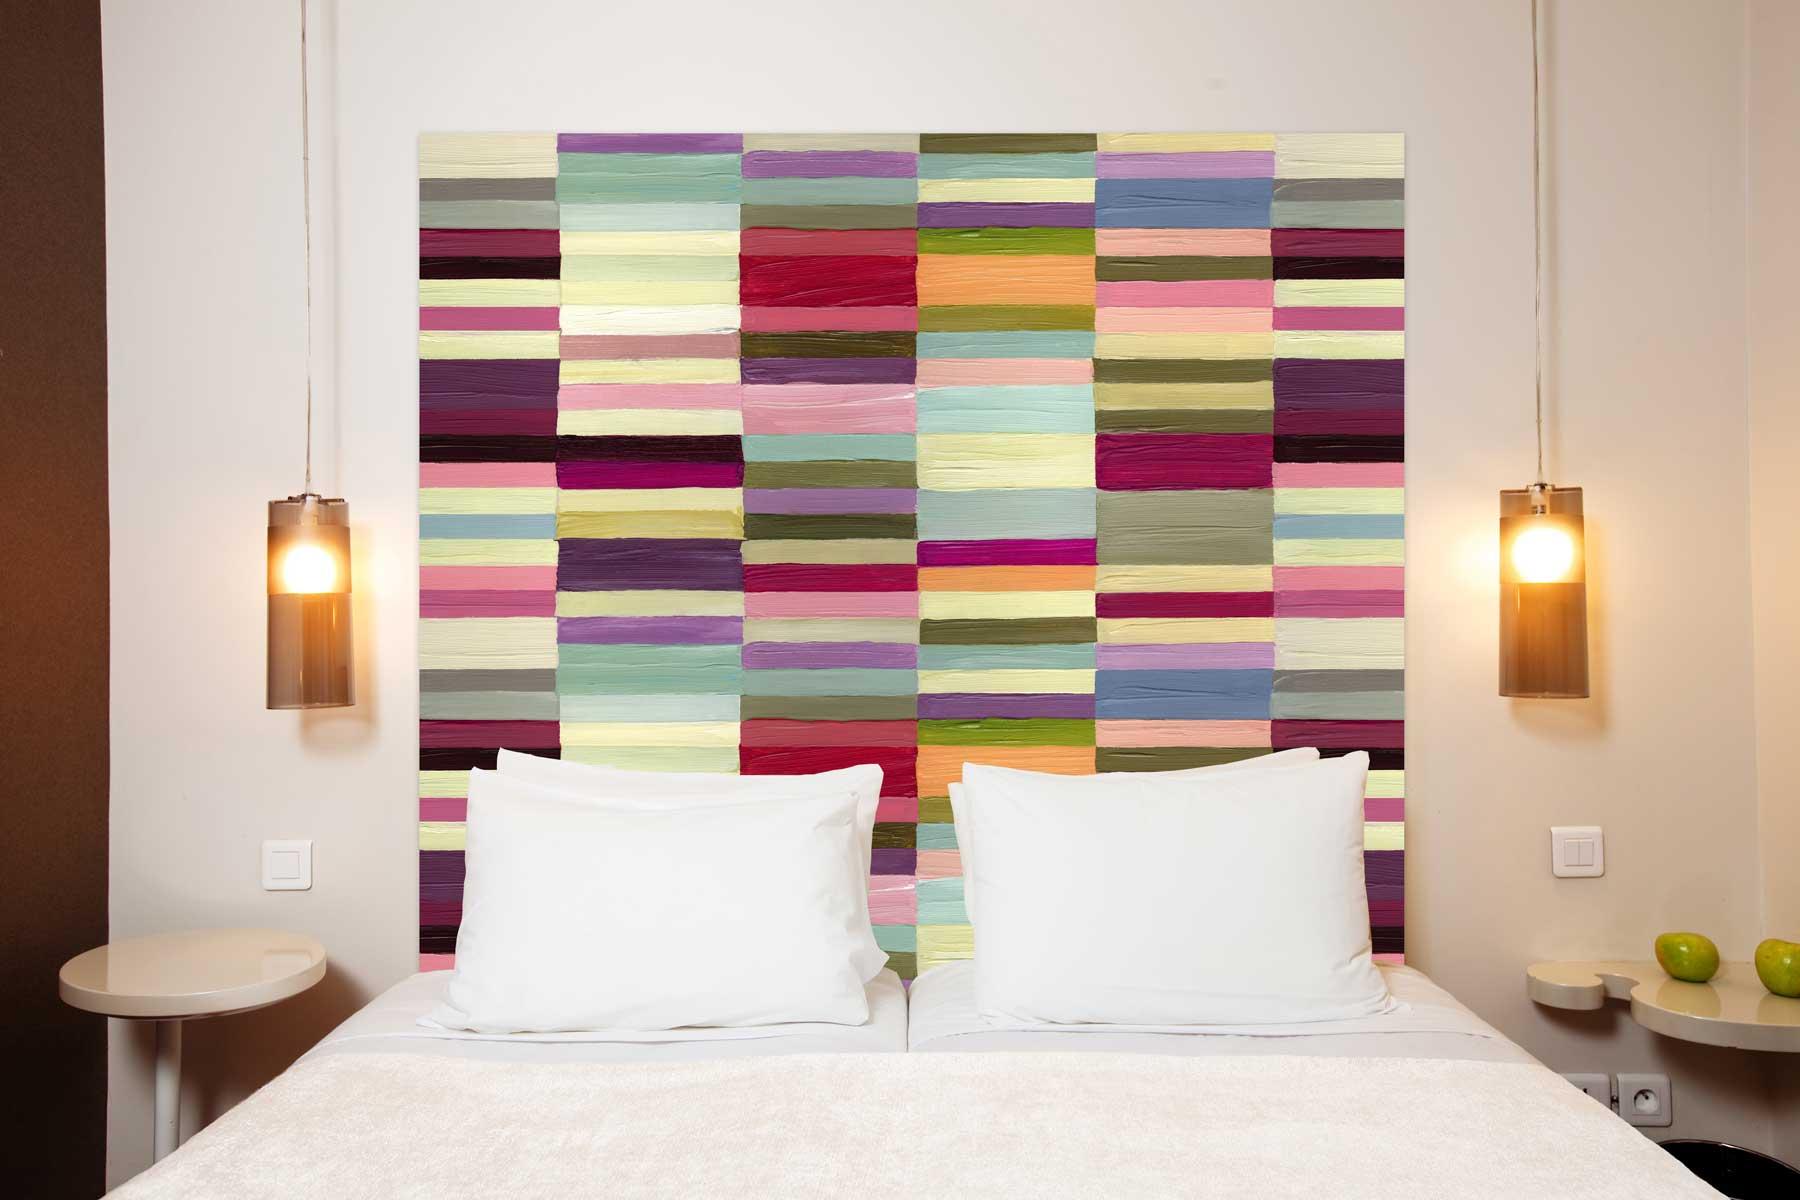 Tête de lit en tissu sans support en bois 180*140 cm